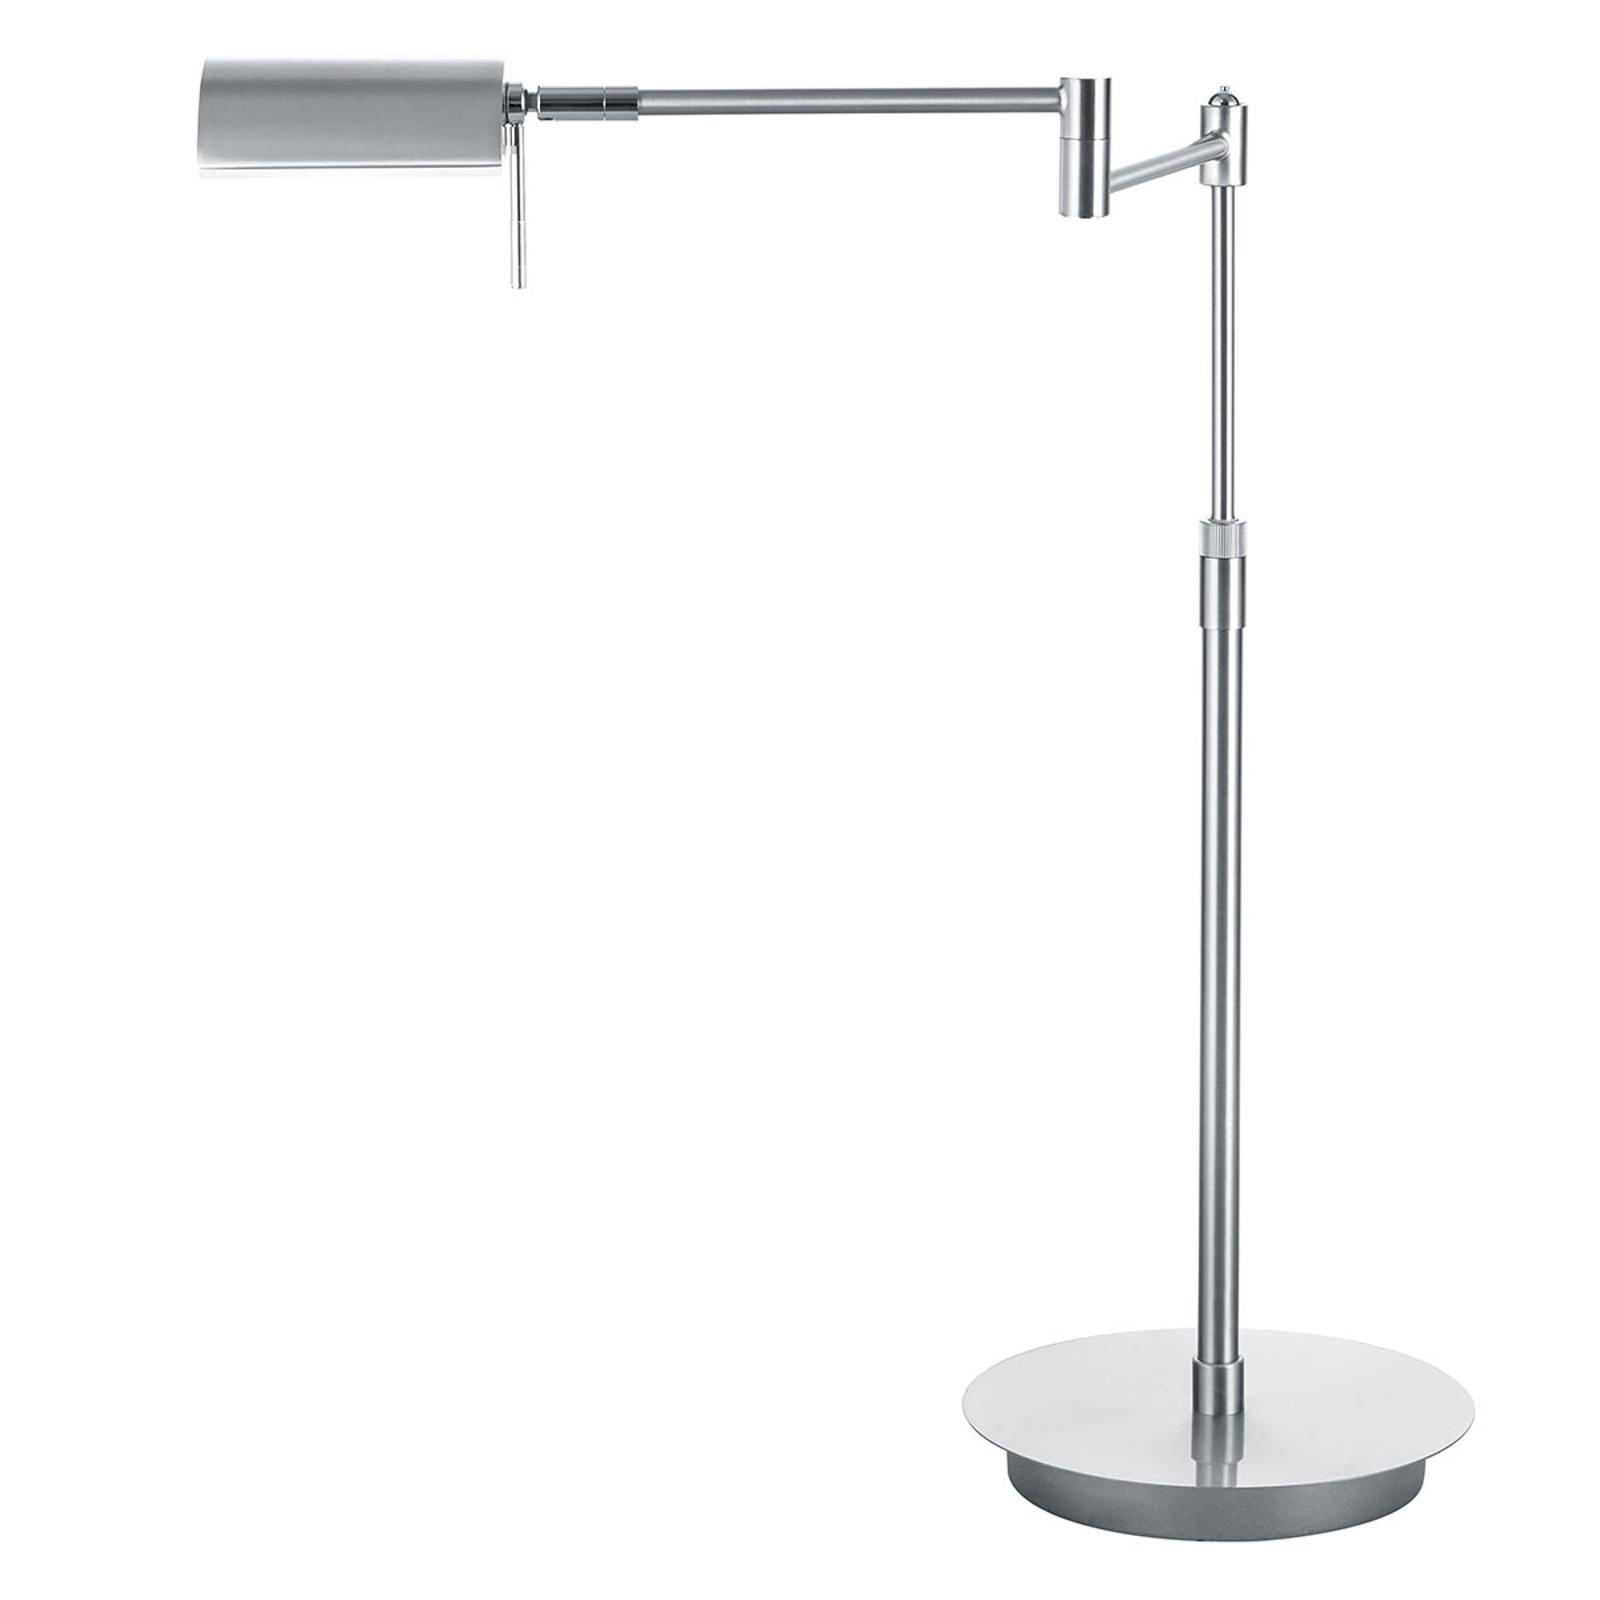 B-Leuchten Graz LED-Tischleuchte, nickel matt